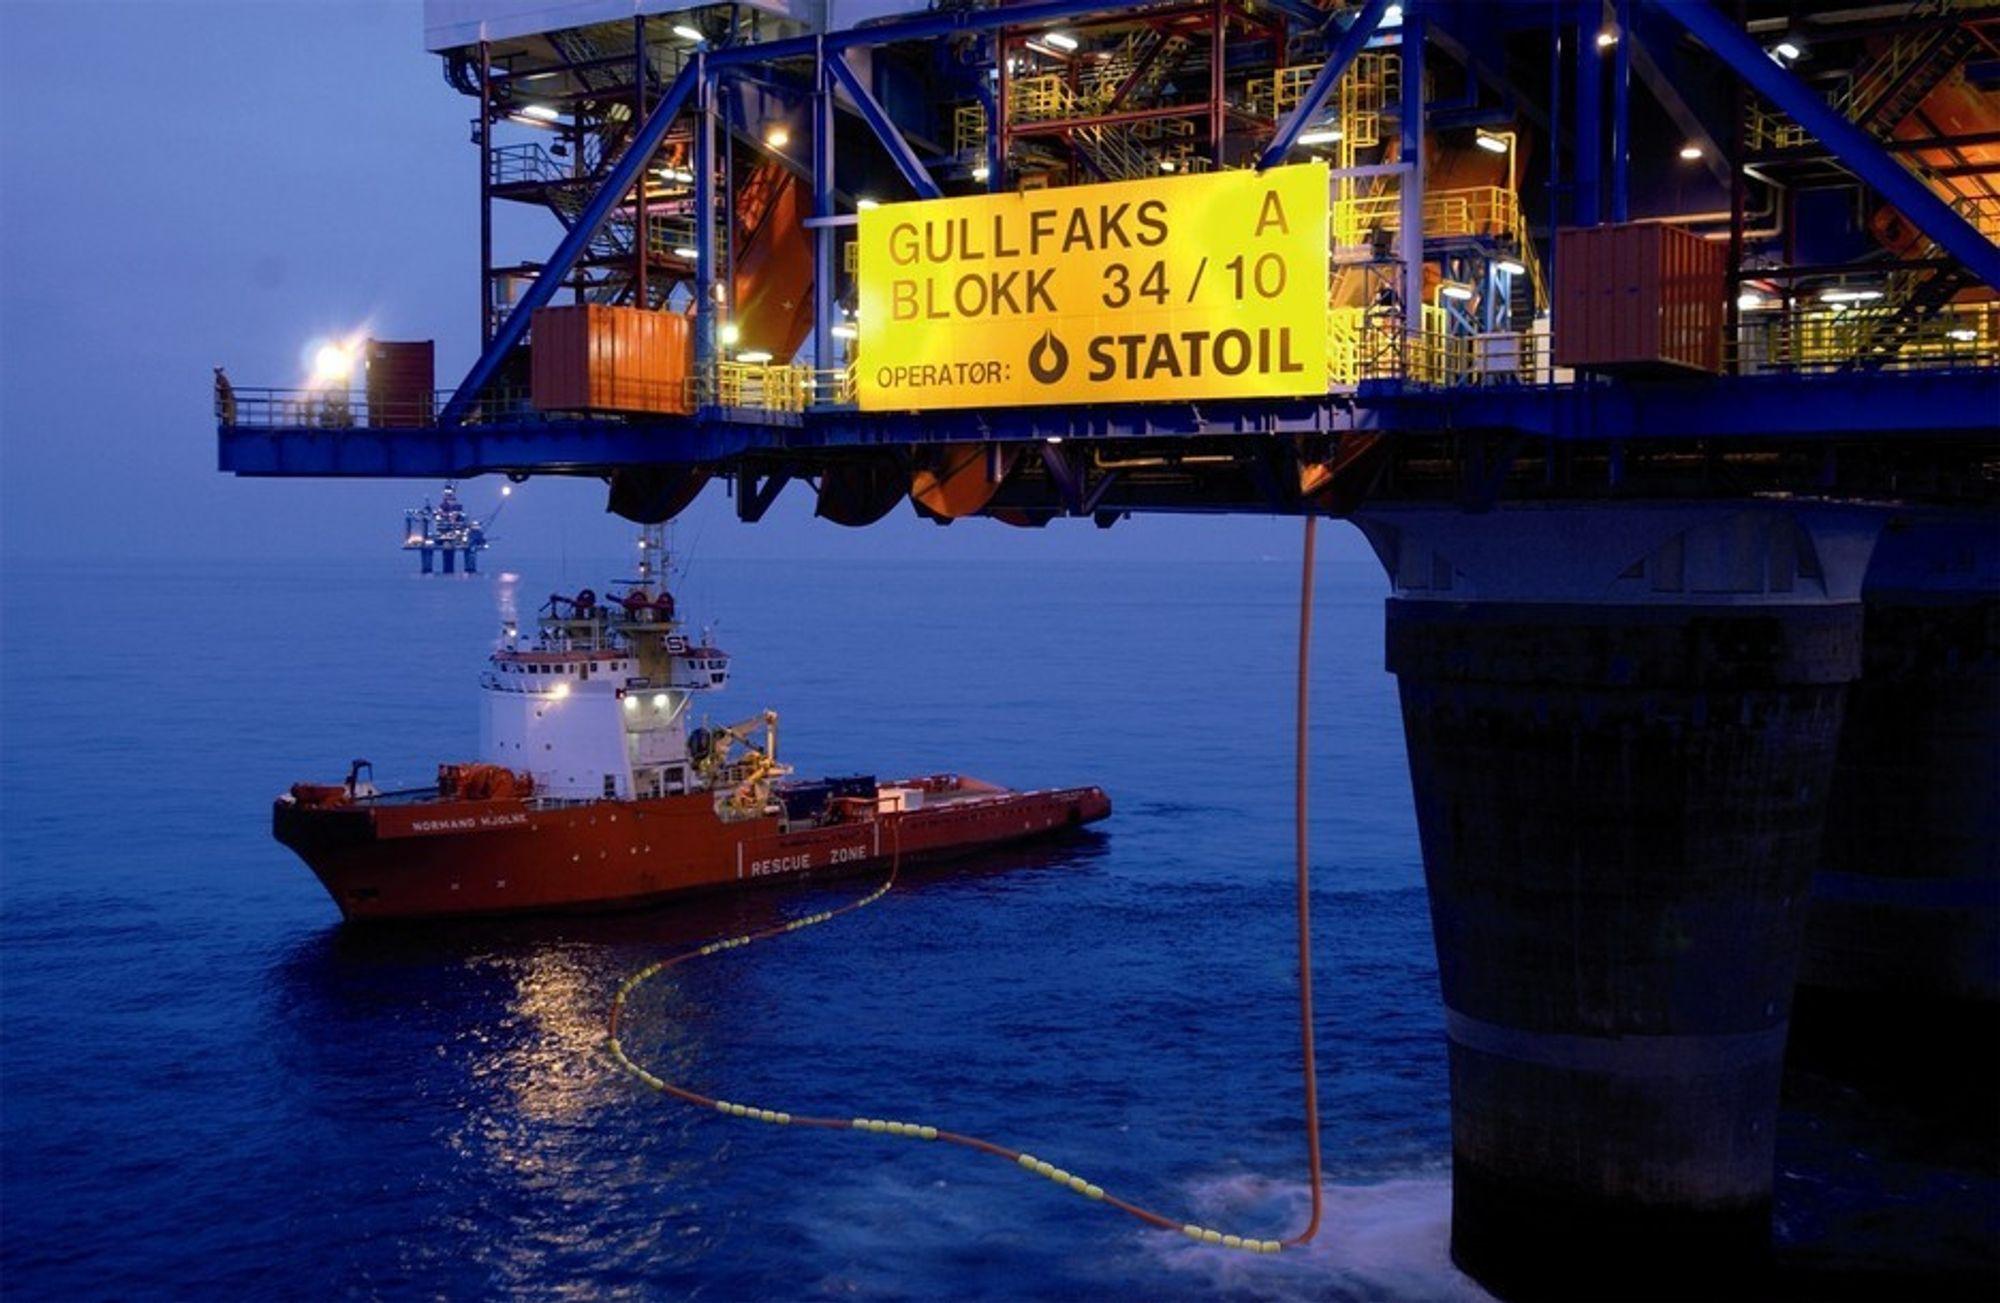 Reflekterende mini-flytere på bunkringsslanger øker sikkerheten rundt offshoreinstallasjoner. Bildet er digitalt manipulert